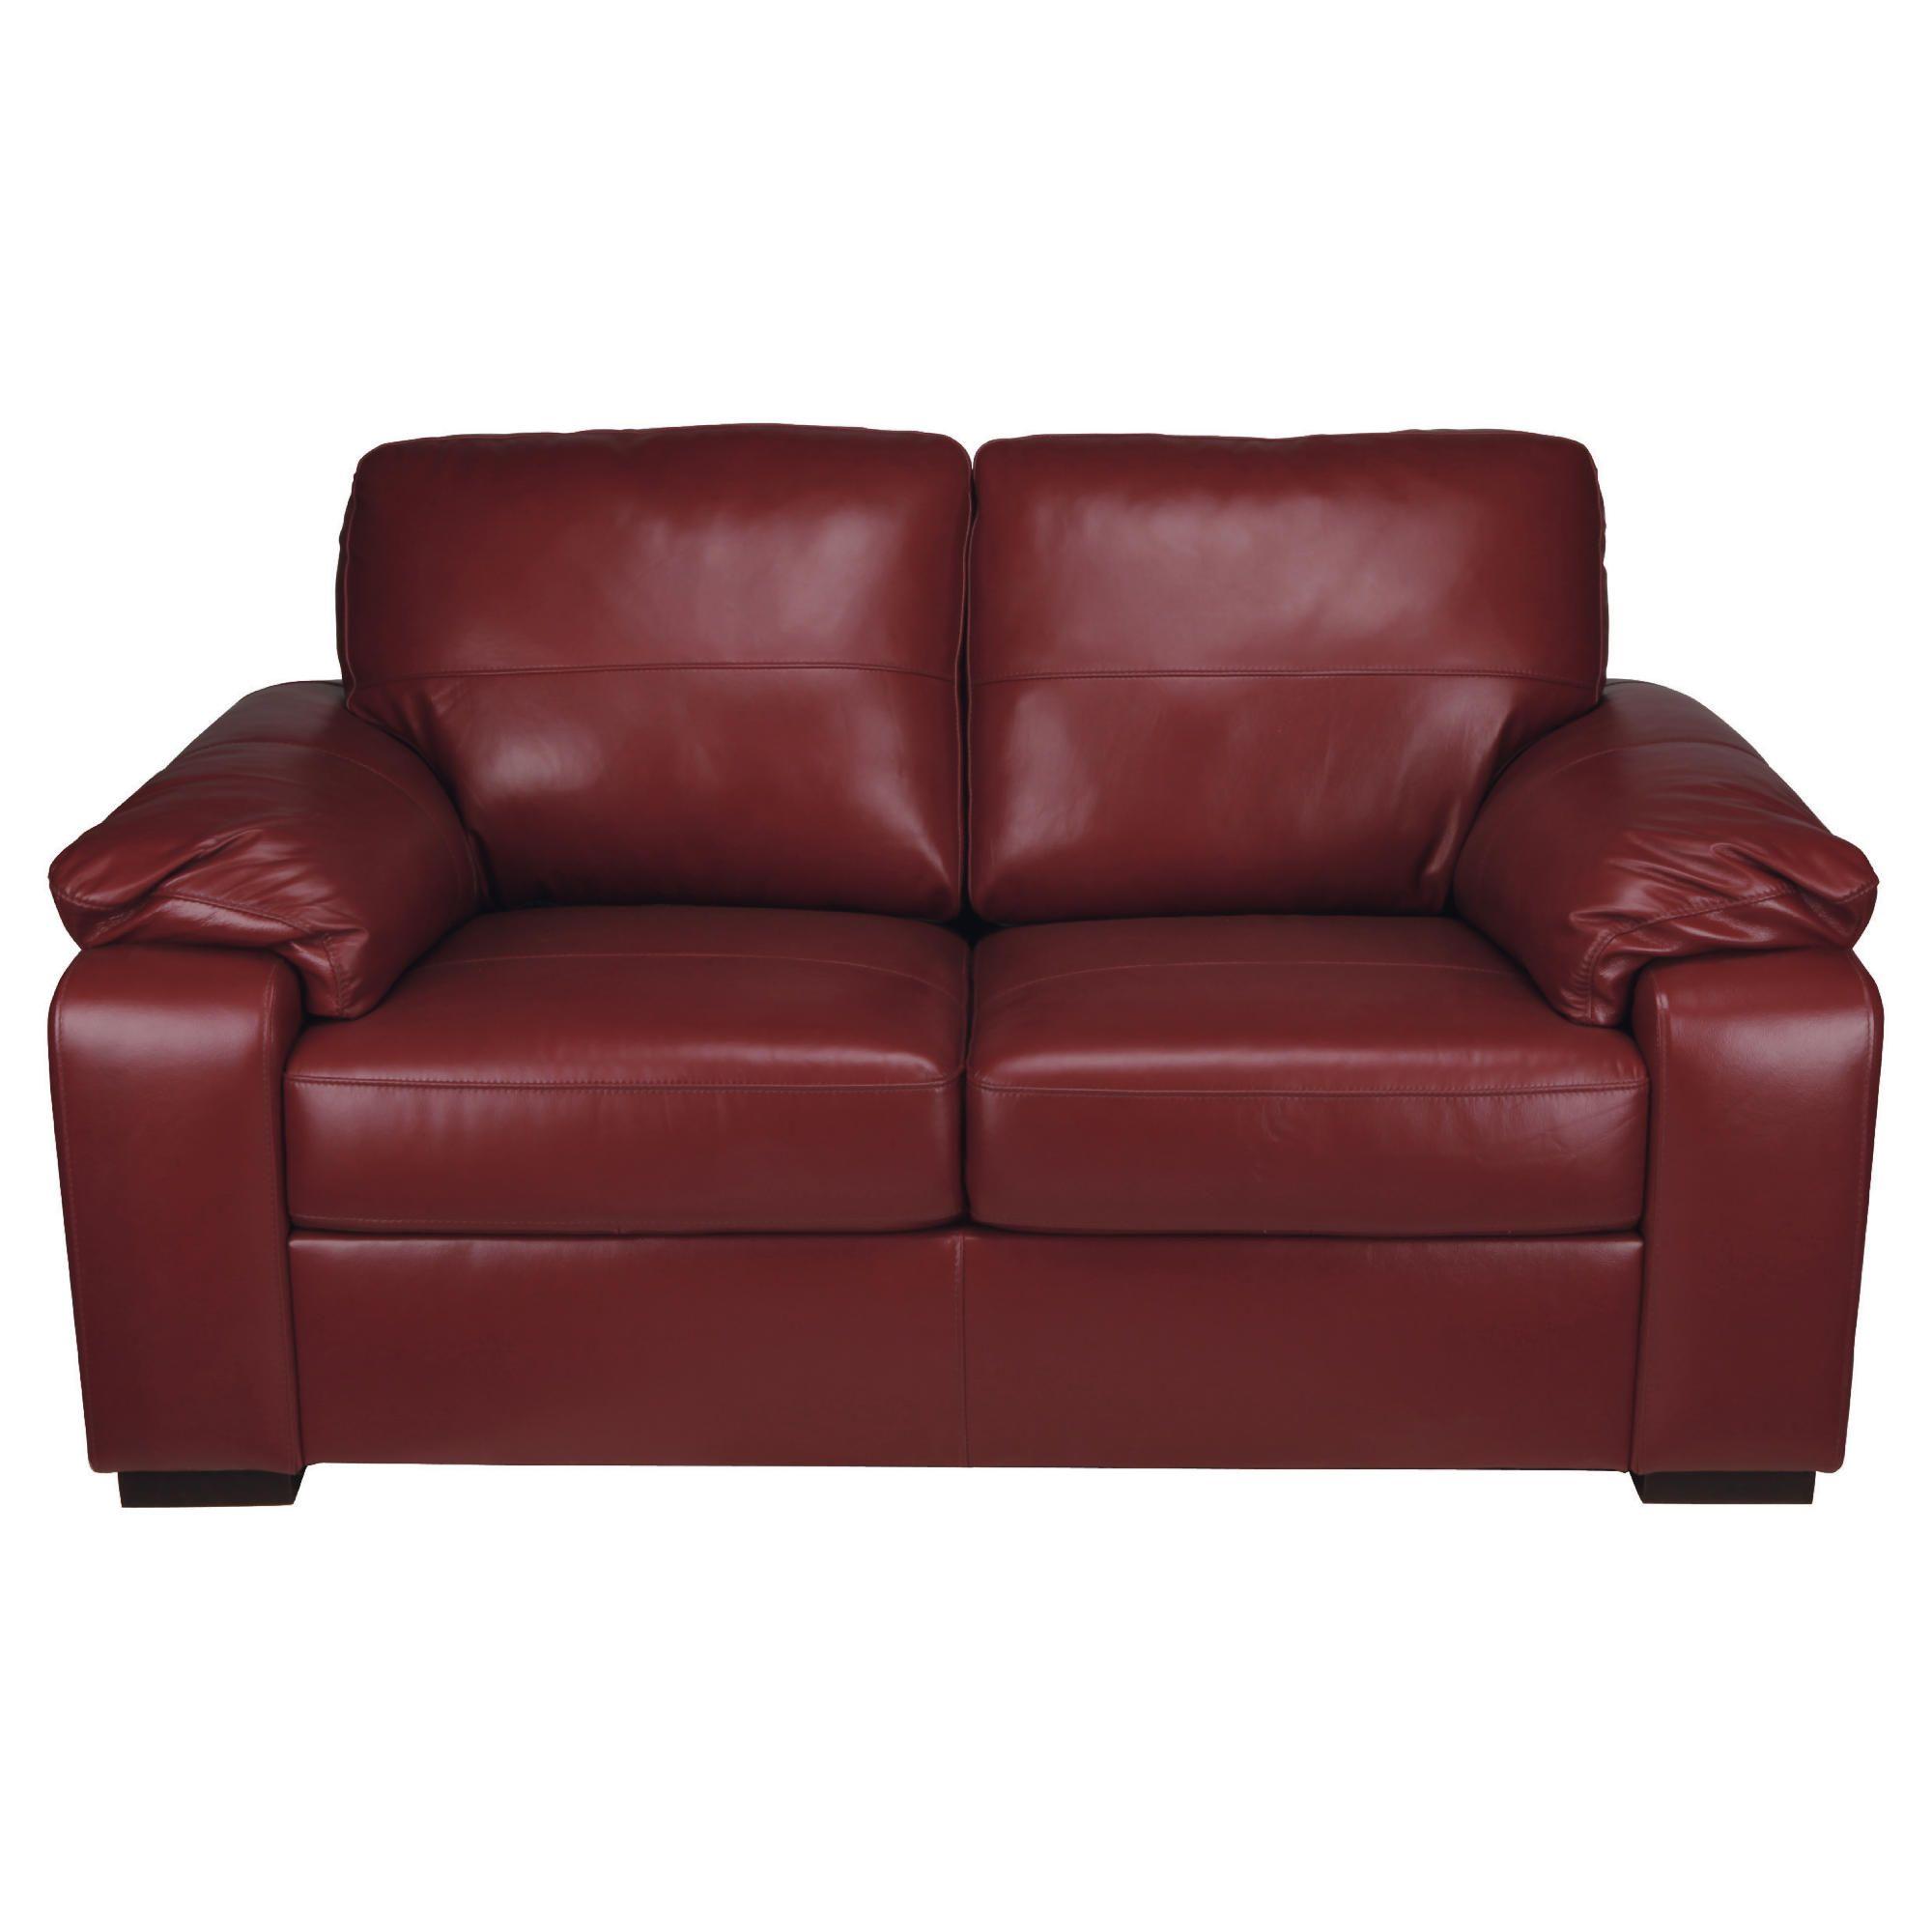 Tesco Ashmore Small Leather Sofa Red